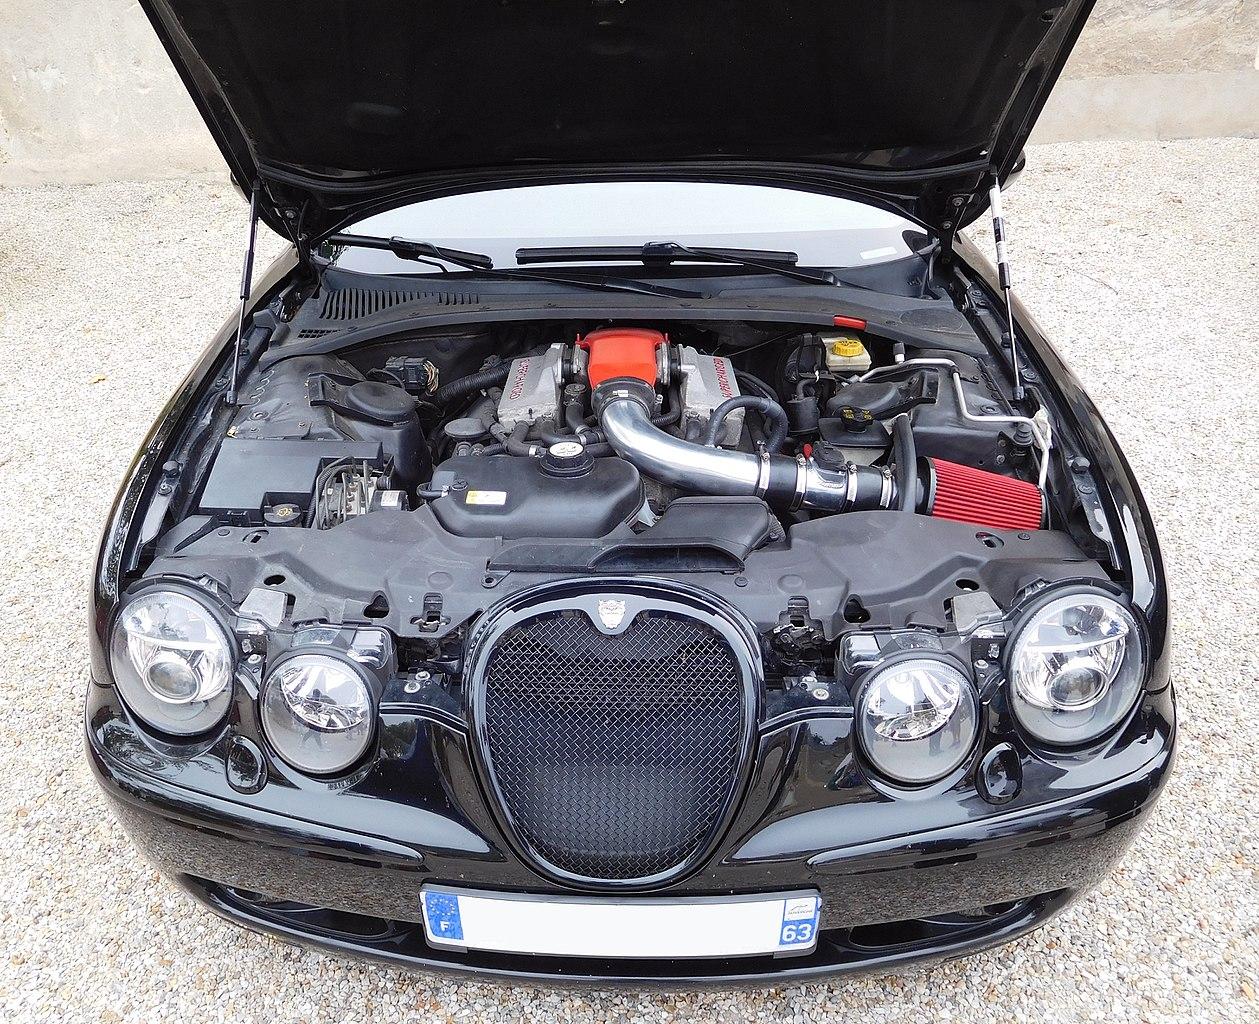 Px Jaguar S Type R C V Supercharged Engine